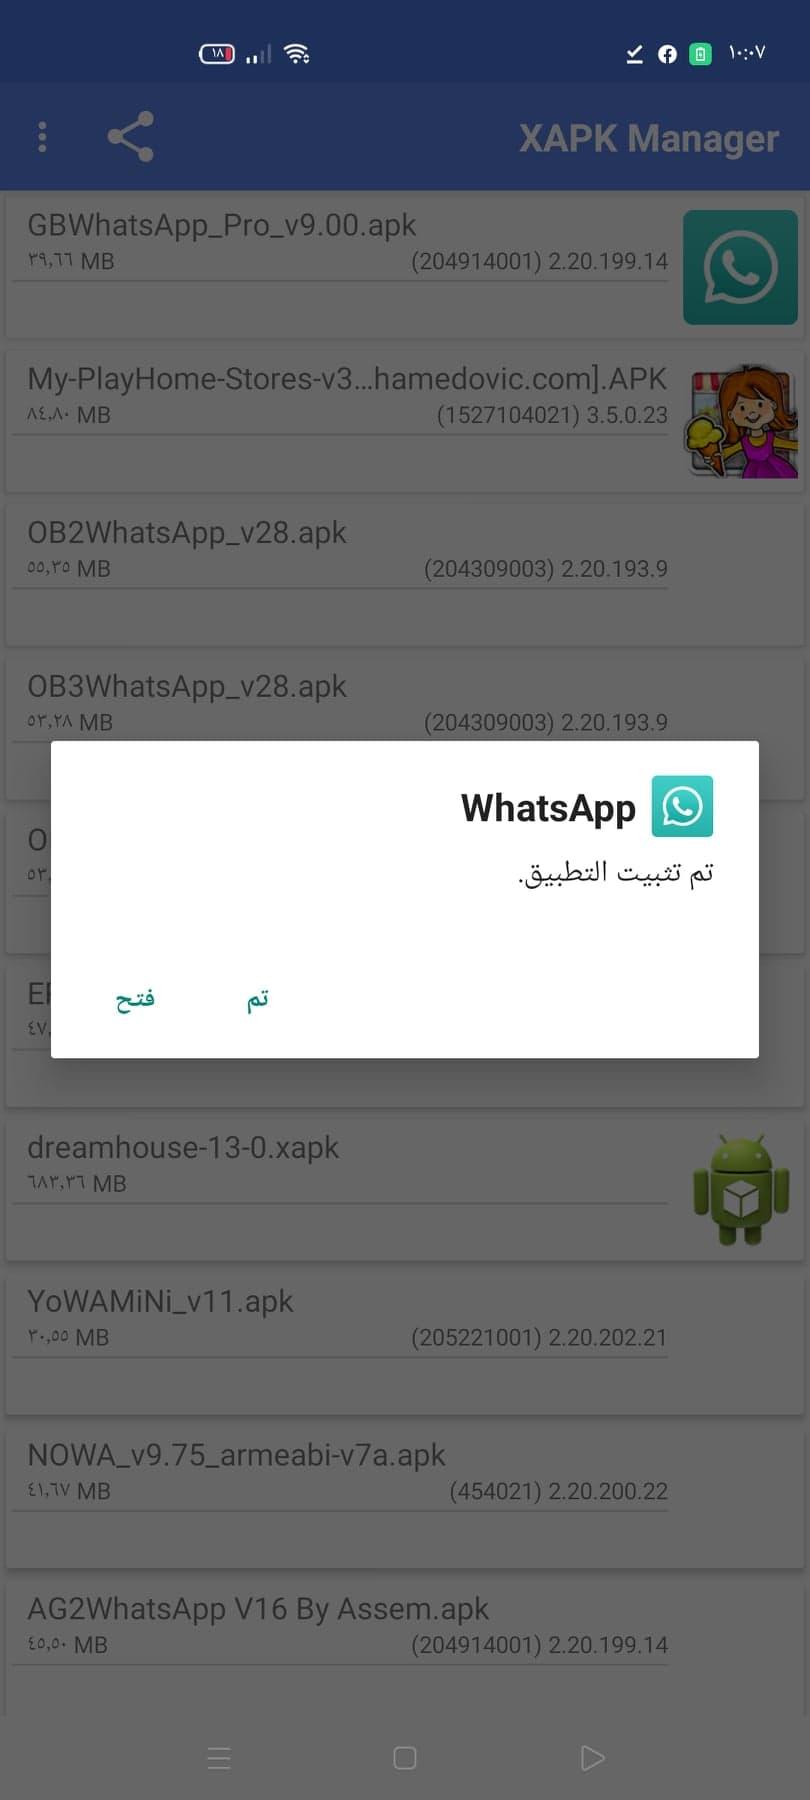 خطوات تحميل جي بي واتساب2 تنزيل جي بي واتساب Gbwhatsapp اخر اصدار للاندرويد